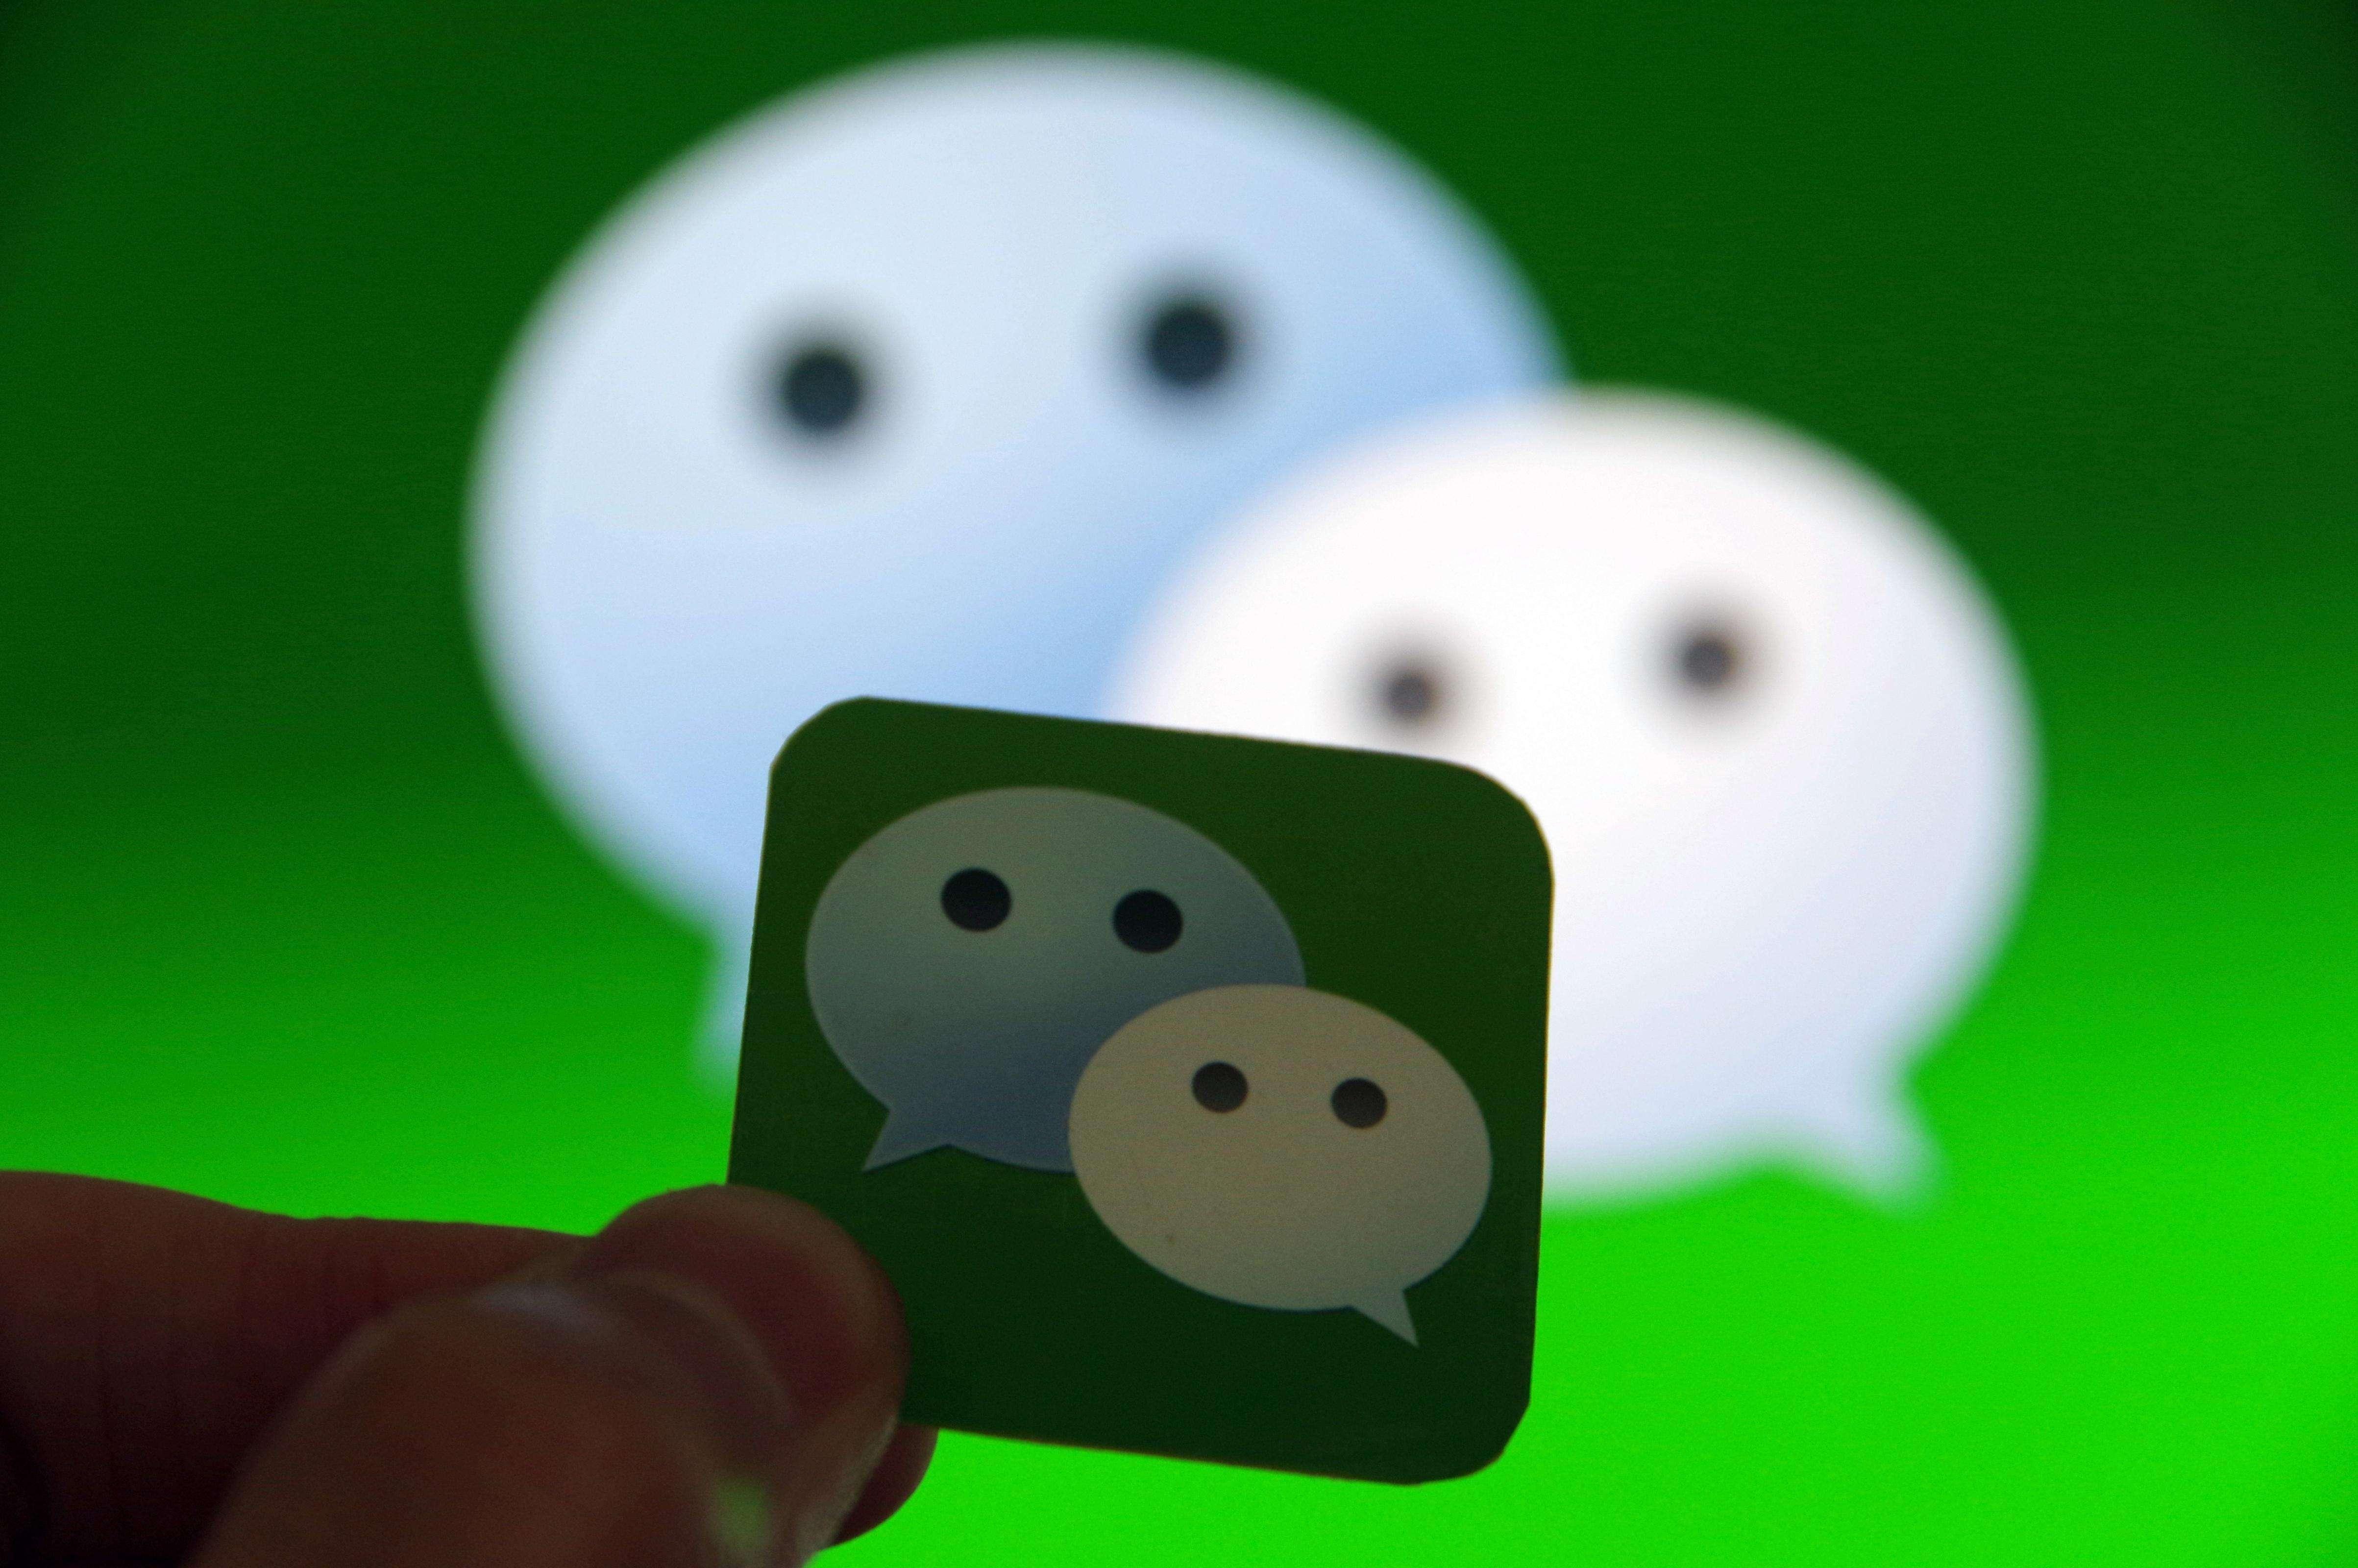 微信公众号三级分销如何帮助商家吸粉,微信公众号快速涨粉的方式有哪些?